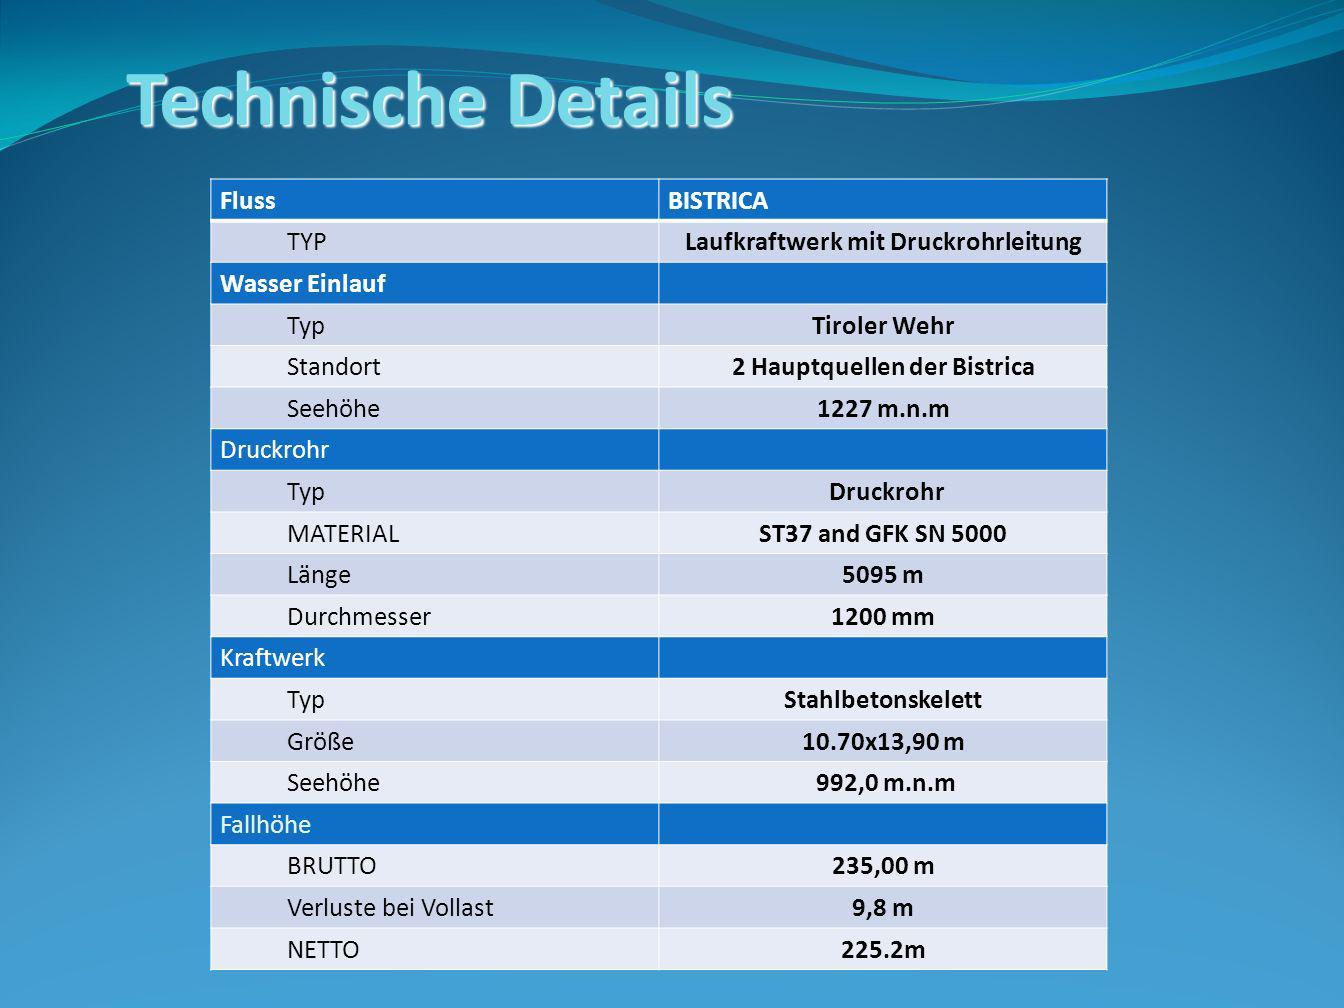 FlussBISTRICA TYPLaufkraftwerk mit Druckrohrleitung Wasser Einlauf TypTiroler Wehr Standort2 Hauptquellen der Bistrica Seehöhe1227 m.n.m Druckrohr Typ Druckrohr MATERIALST37 and GFK SN 5000 Länge5095 m Durchmesser1200 mm Kraftwerk TypStahlbetonskelett Größe10.70x13,90 m Seehöhe 992,0 m.n.m Fallhöhe BRUTTO235,00 m Verluste bei Vollast9,8 m NETTO225.2m Technische Details